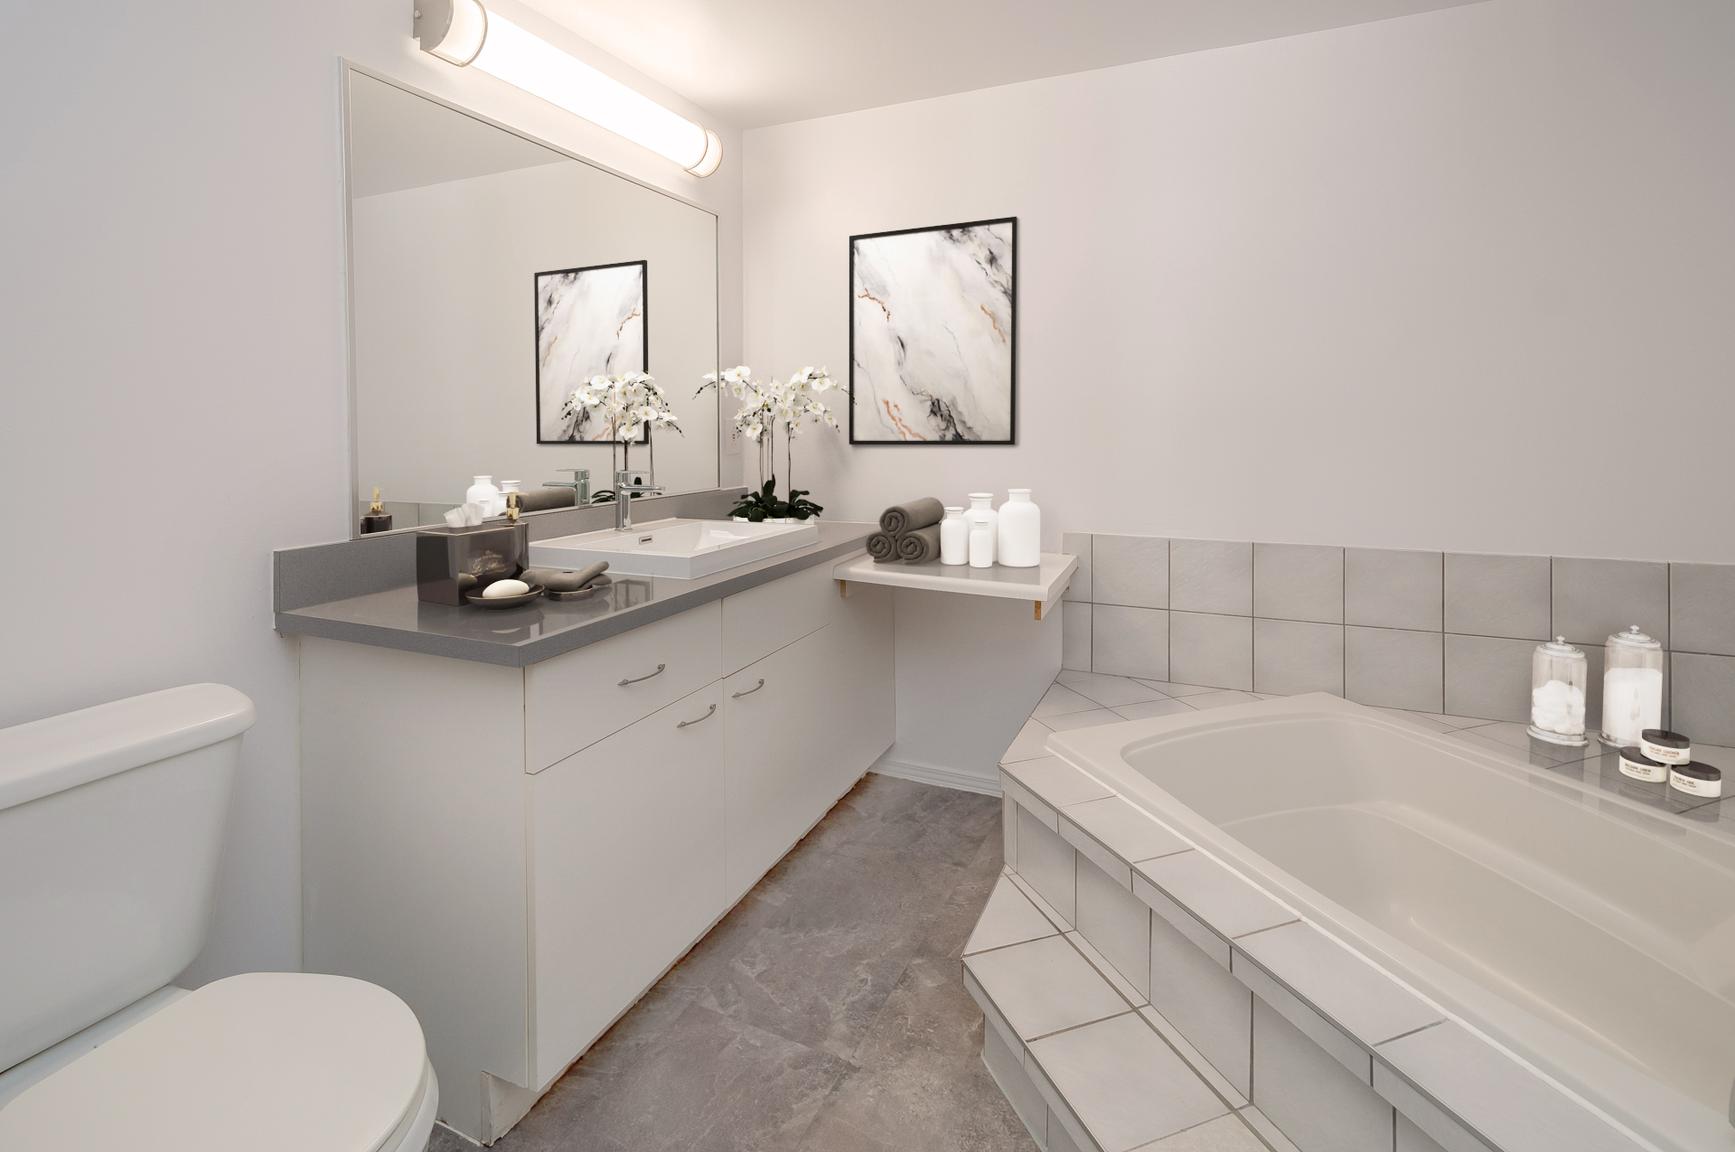 2 bedroom Apartments for rent in Quebec City at Les Appartements du Verdier - Photo 22 - RentersPages – L407124